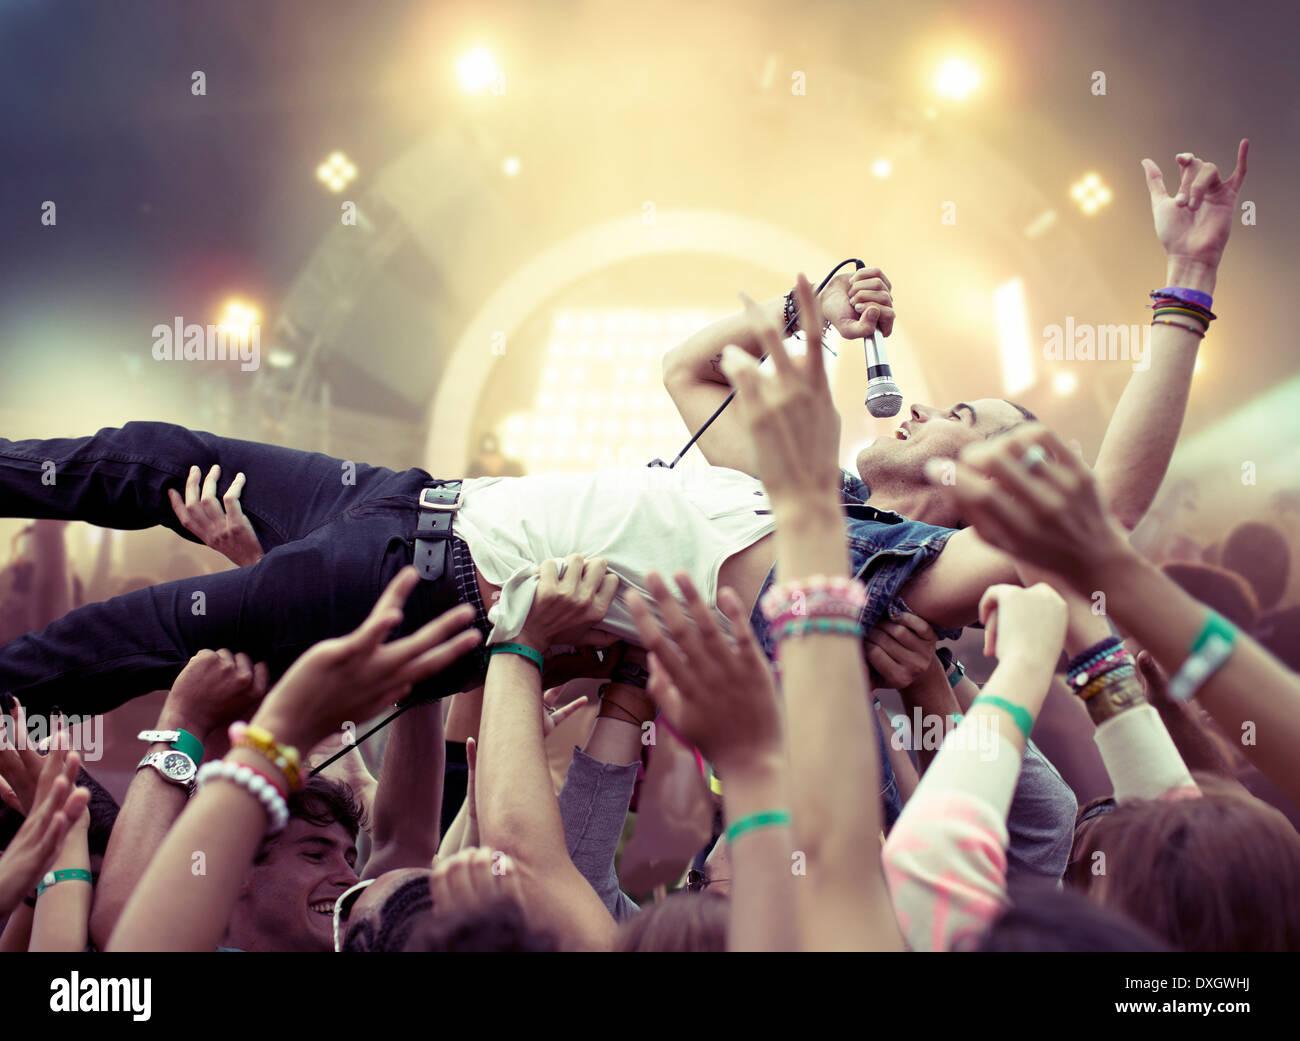 Performer Crowdsurfing beim Musikfestival Stockbild